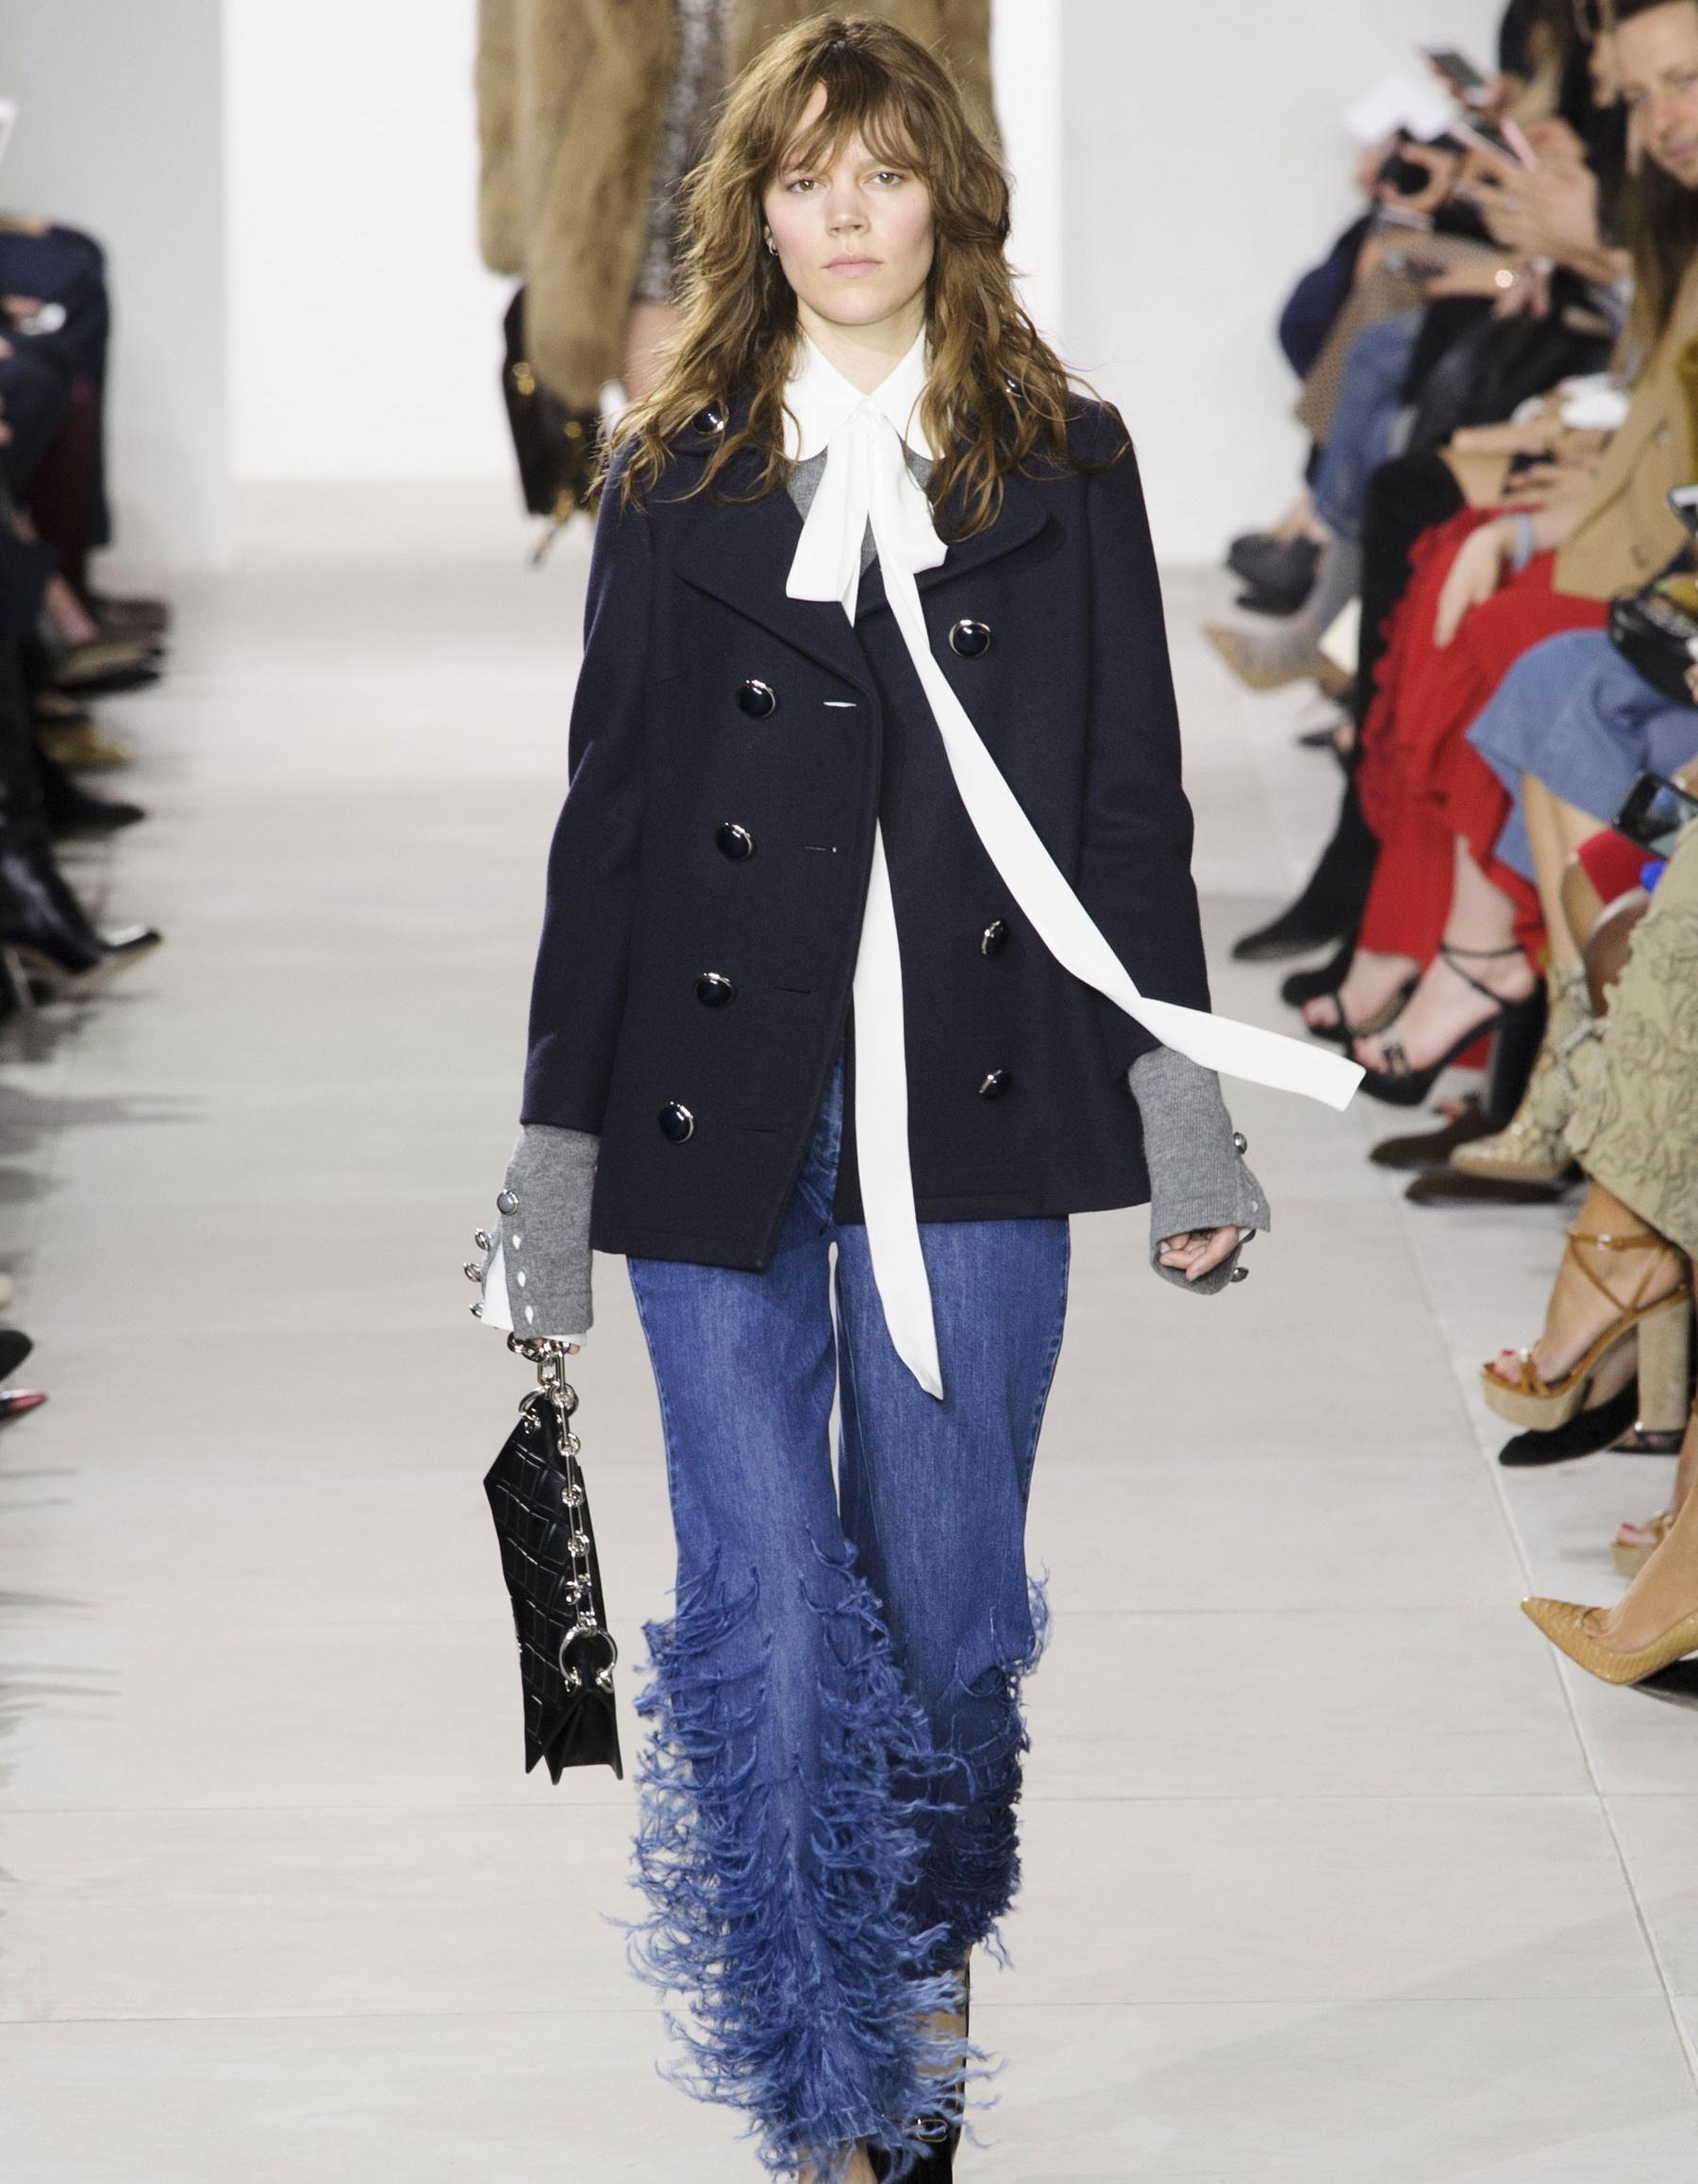 Fashion Week : 16 tendances repérées sur les podiums de New York, Londres, Milan et Paris